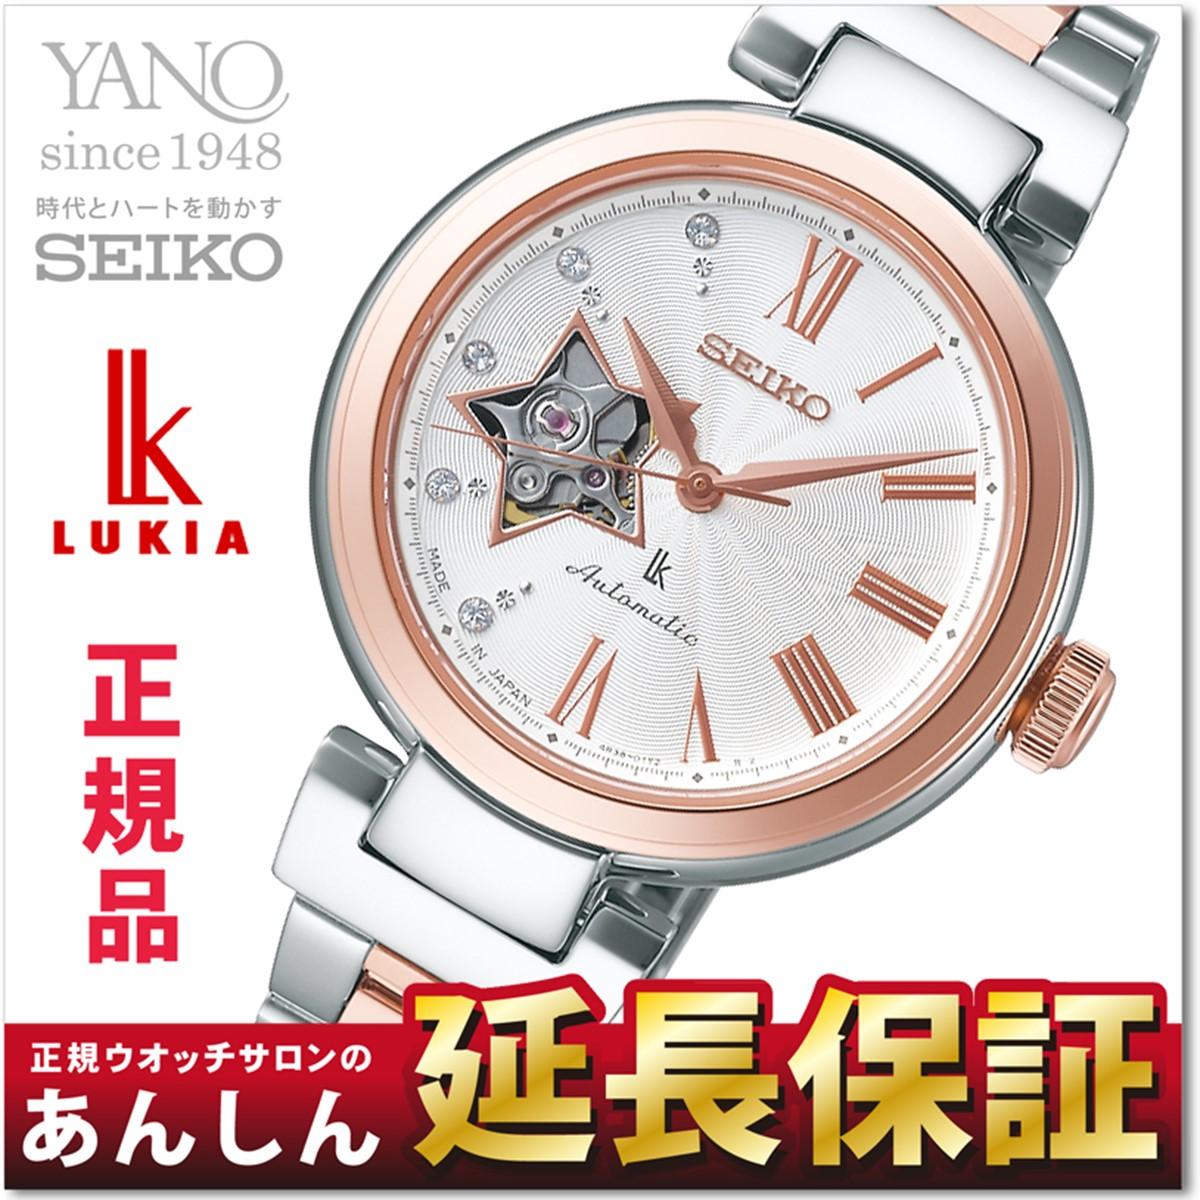 【ノベルティ付き♪】セイコー ルキア  SSVM034 オープンハート  メカニカル 機械式  レディース 腕時計 自動巻き SEIKO LUKIA【正規品】【0917】【店頭受取対応商品】